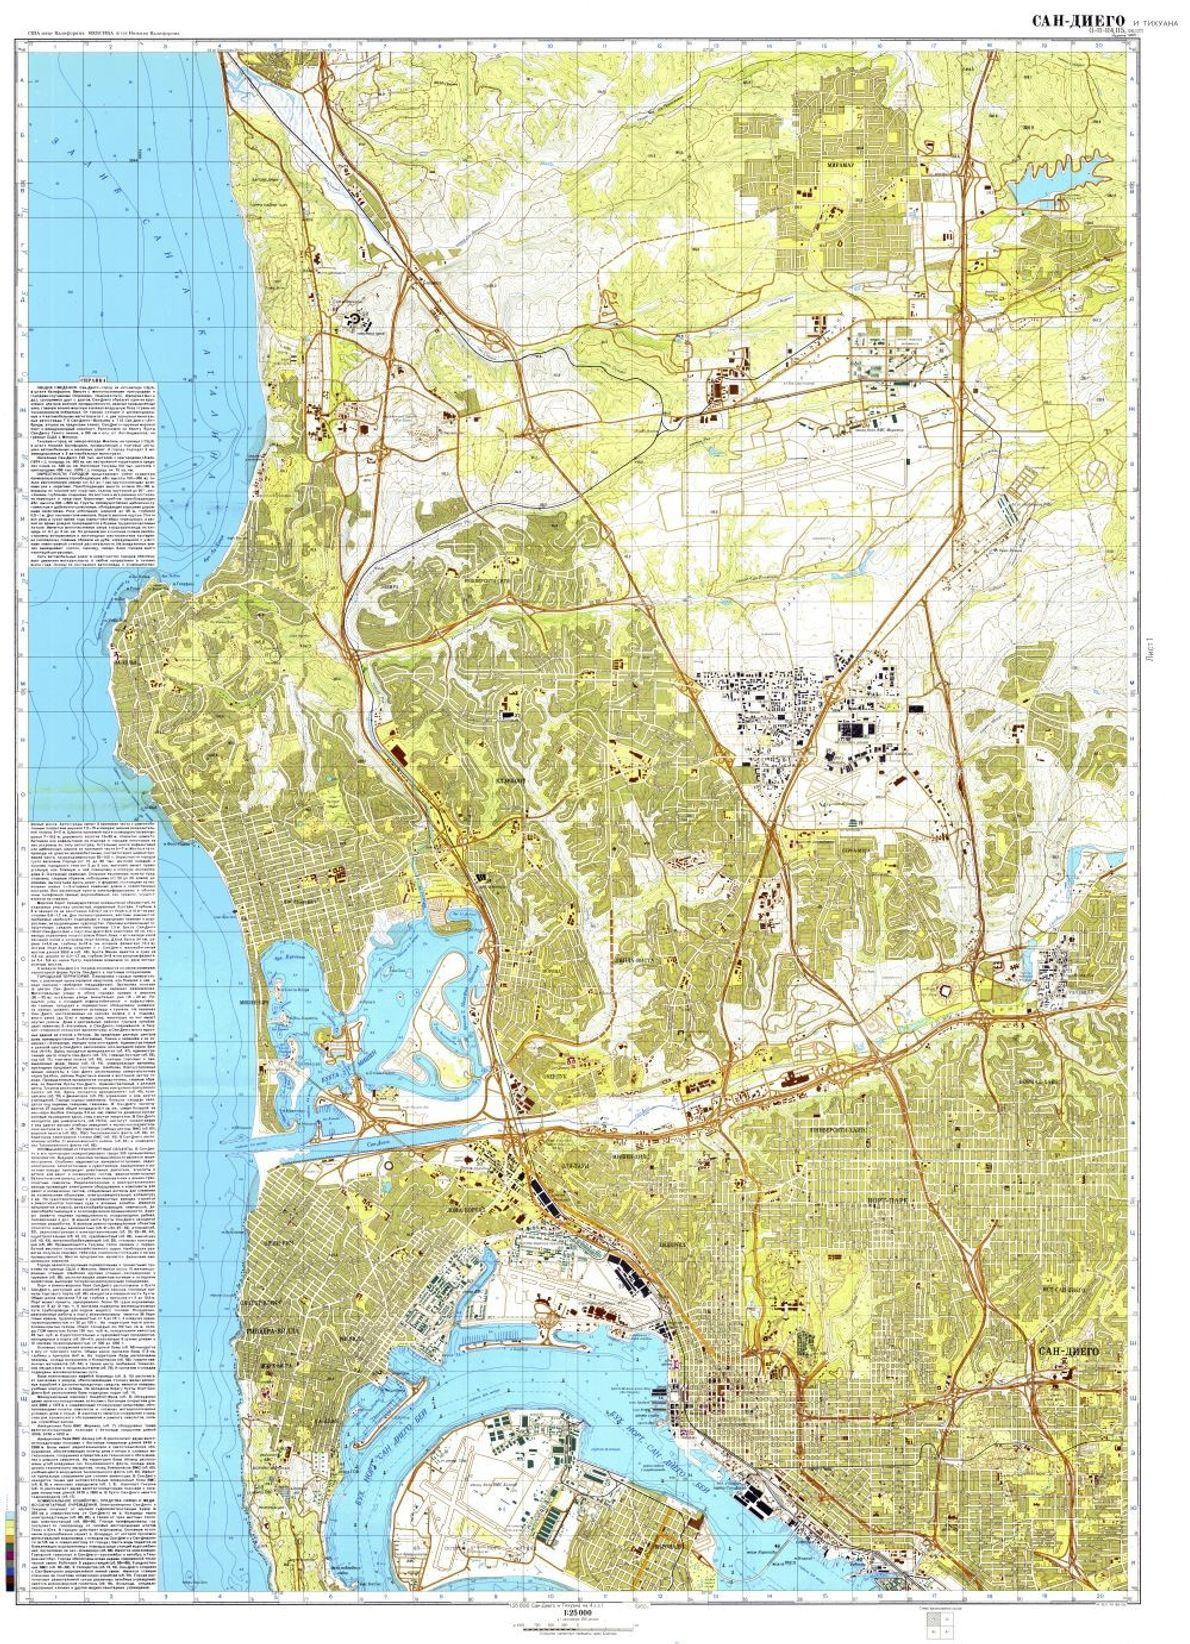 Die sowjetische Karte von San Diego zeigt mehr Gebäude (dunkelgrün) auf dem Naval Training Center and ...